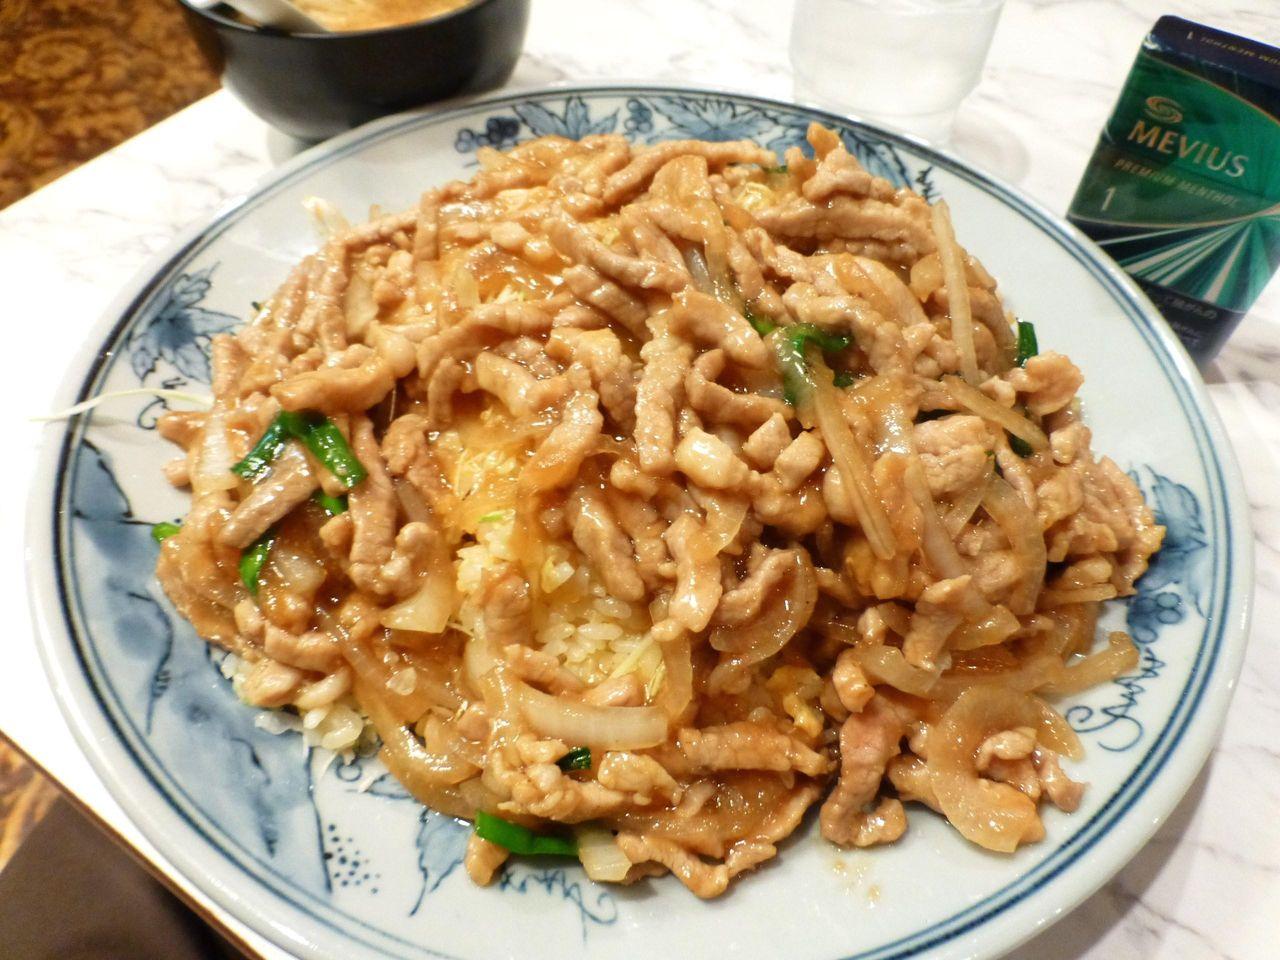 豚肉生姜焼きをドッサリのせた、ヘビー級のチャーハン!